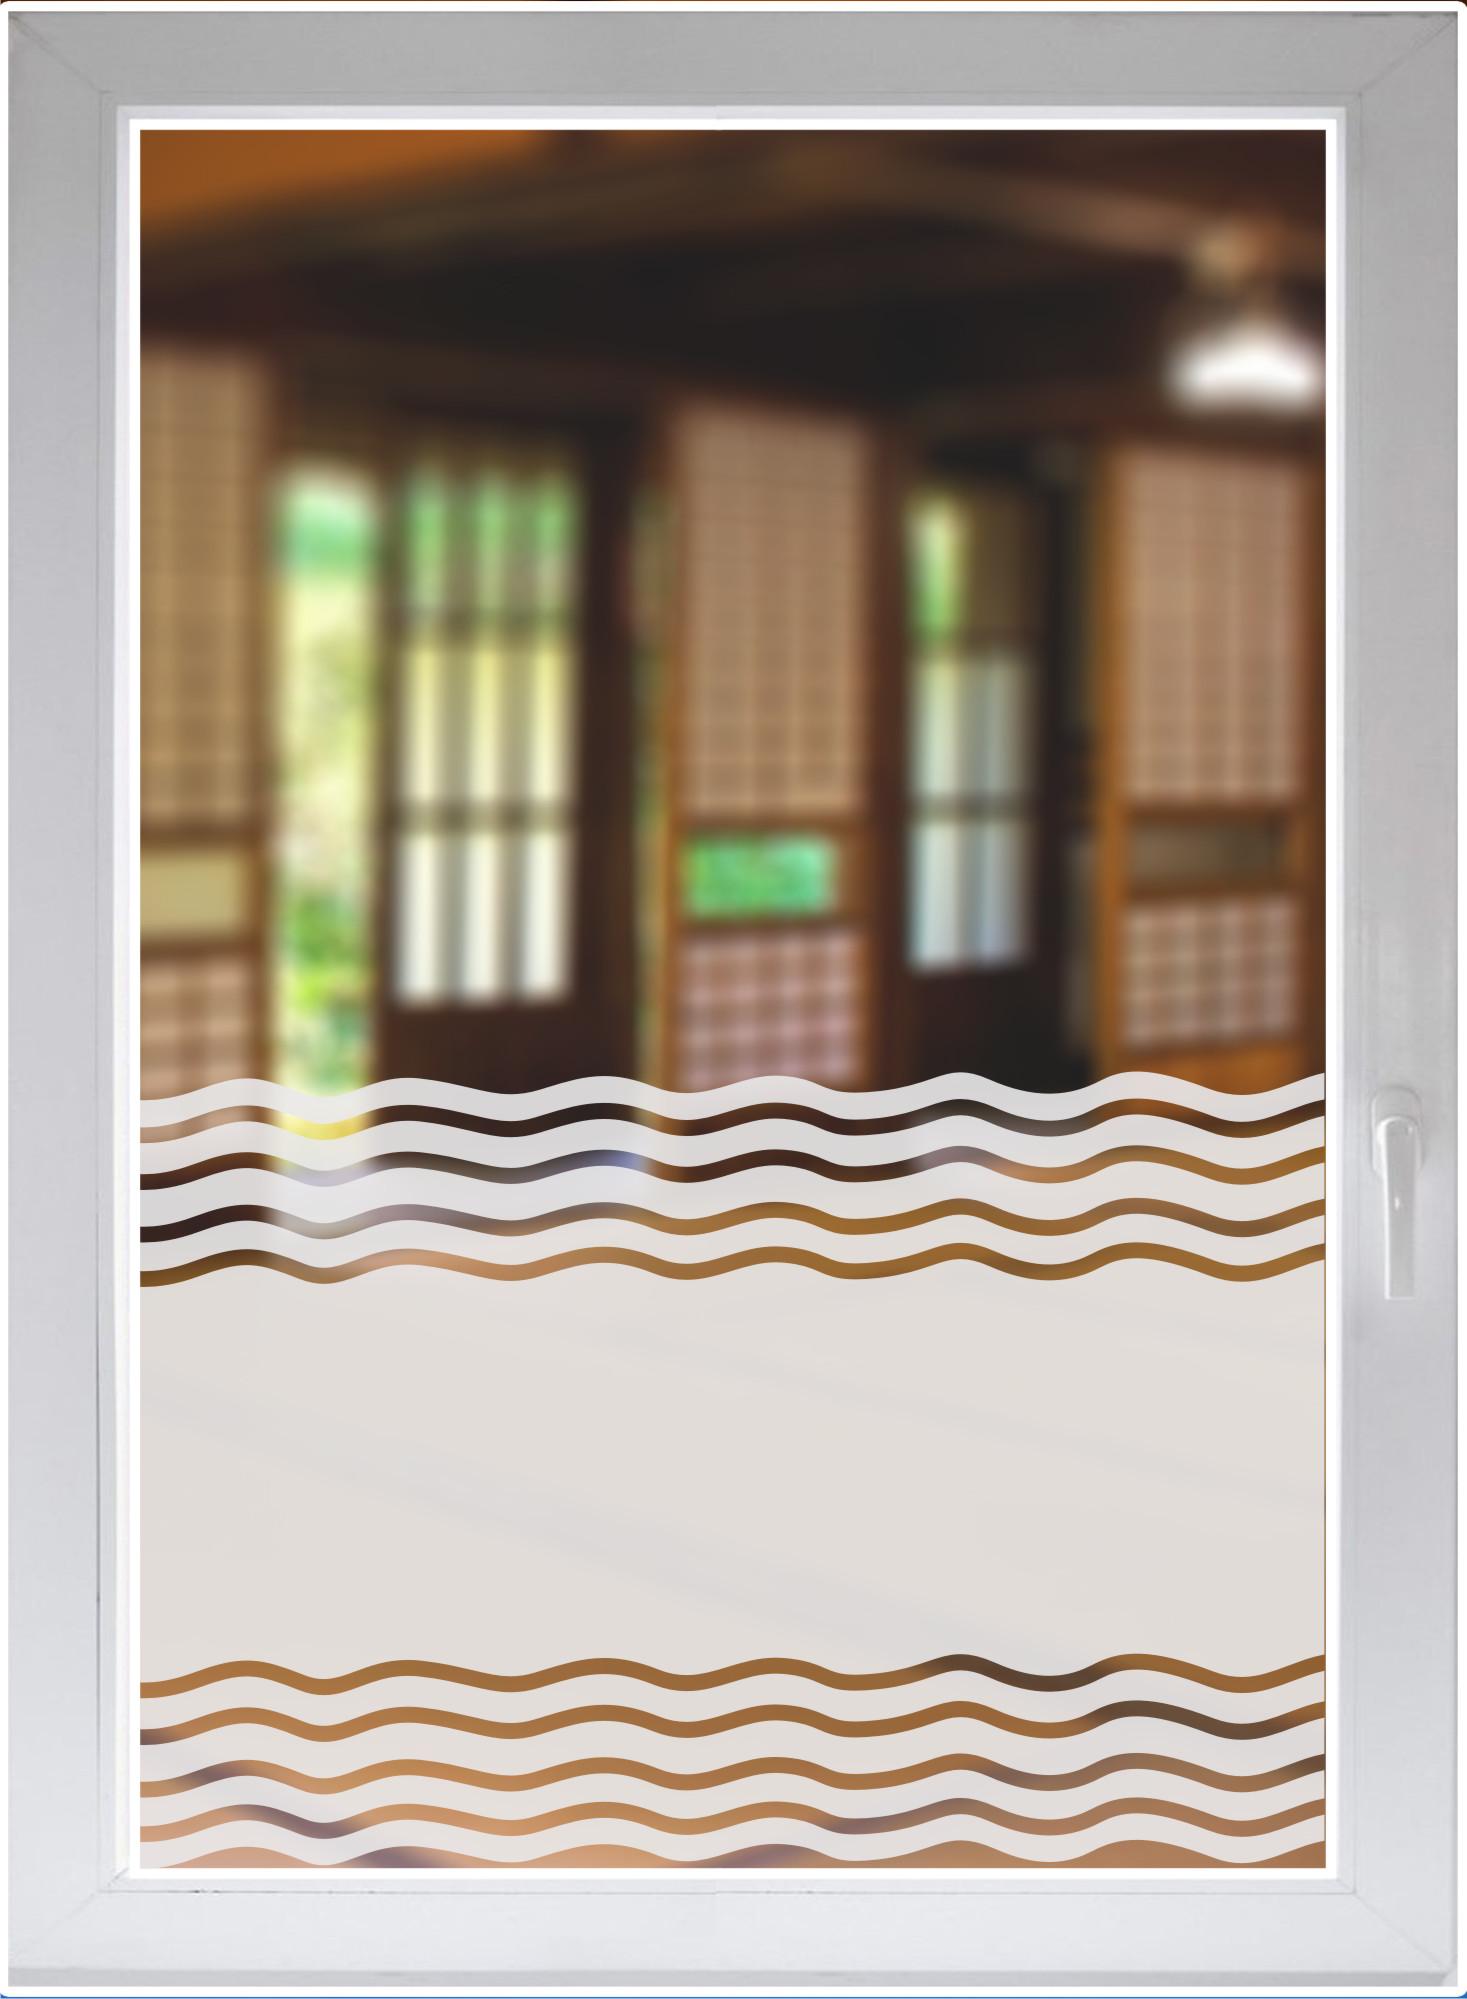 Full Size of Fensterfolie Blickdicht Glasdekorfolie Dusche Folie Fr Duschkabine Sichtschutz Bad Wellen Wohnzimmer Fensterfolie Blickdicht